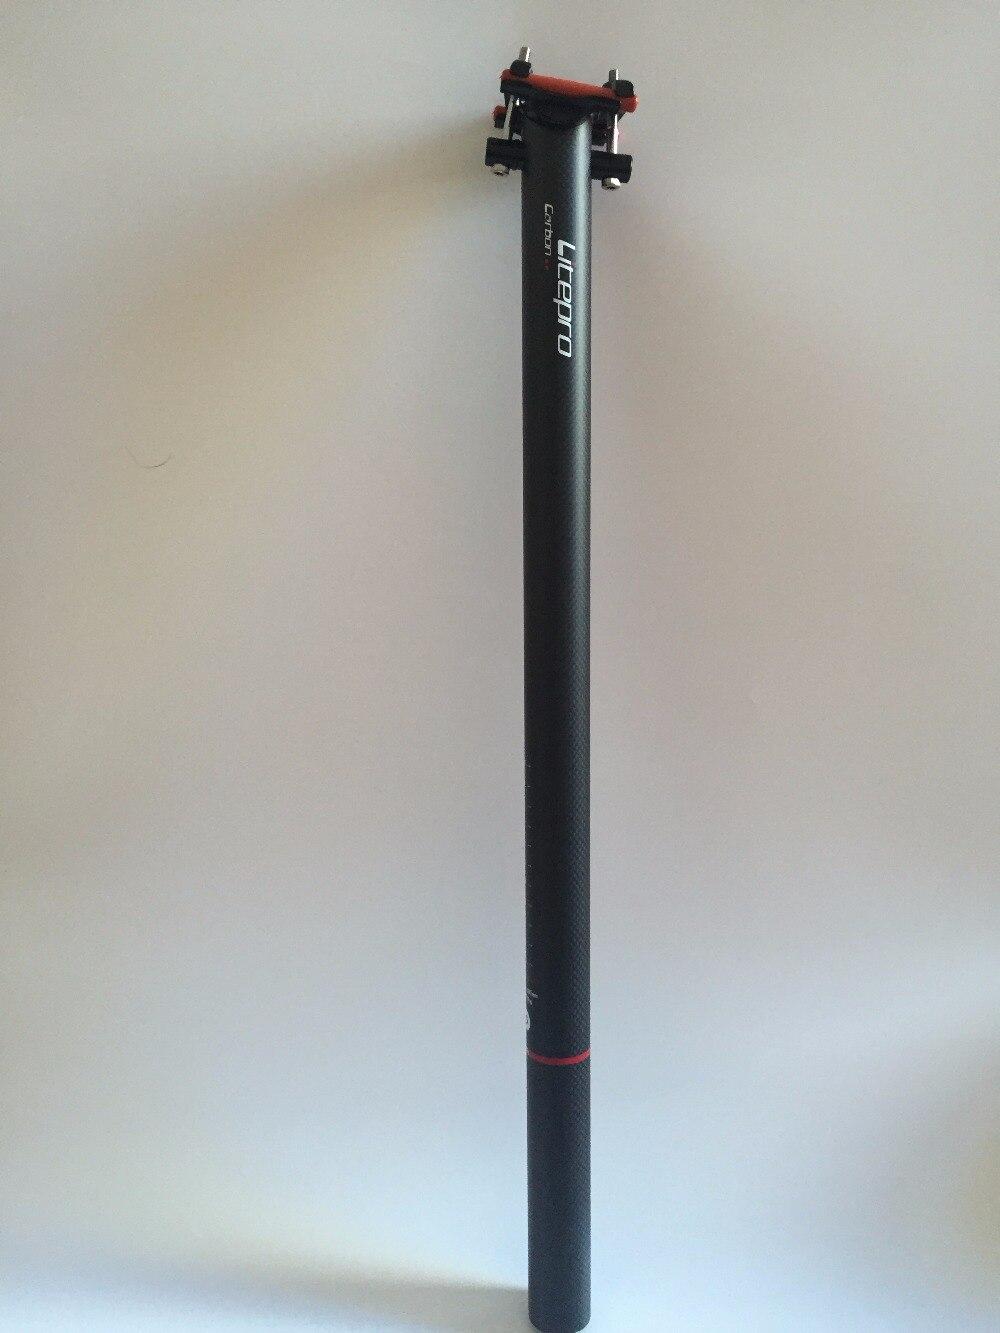 Litepro vélo carbone tige de selle 31.8mm BMX BROMPTON carbone tige de selle tube 31.8*580mm tiges de selle pour vélos